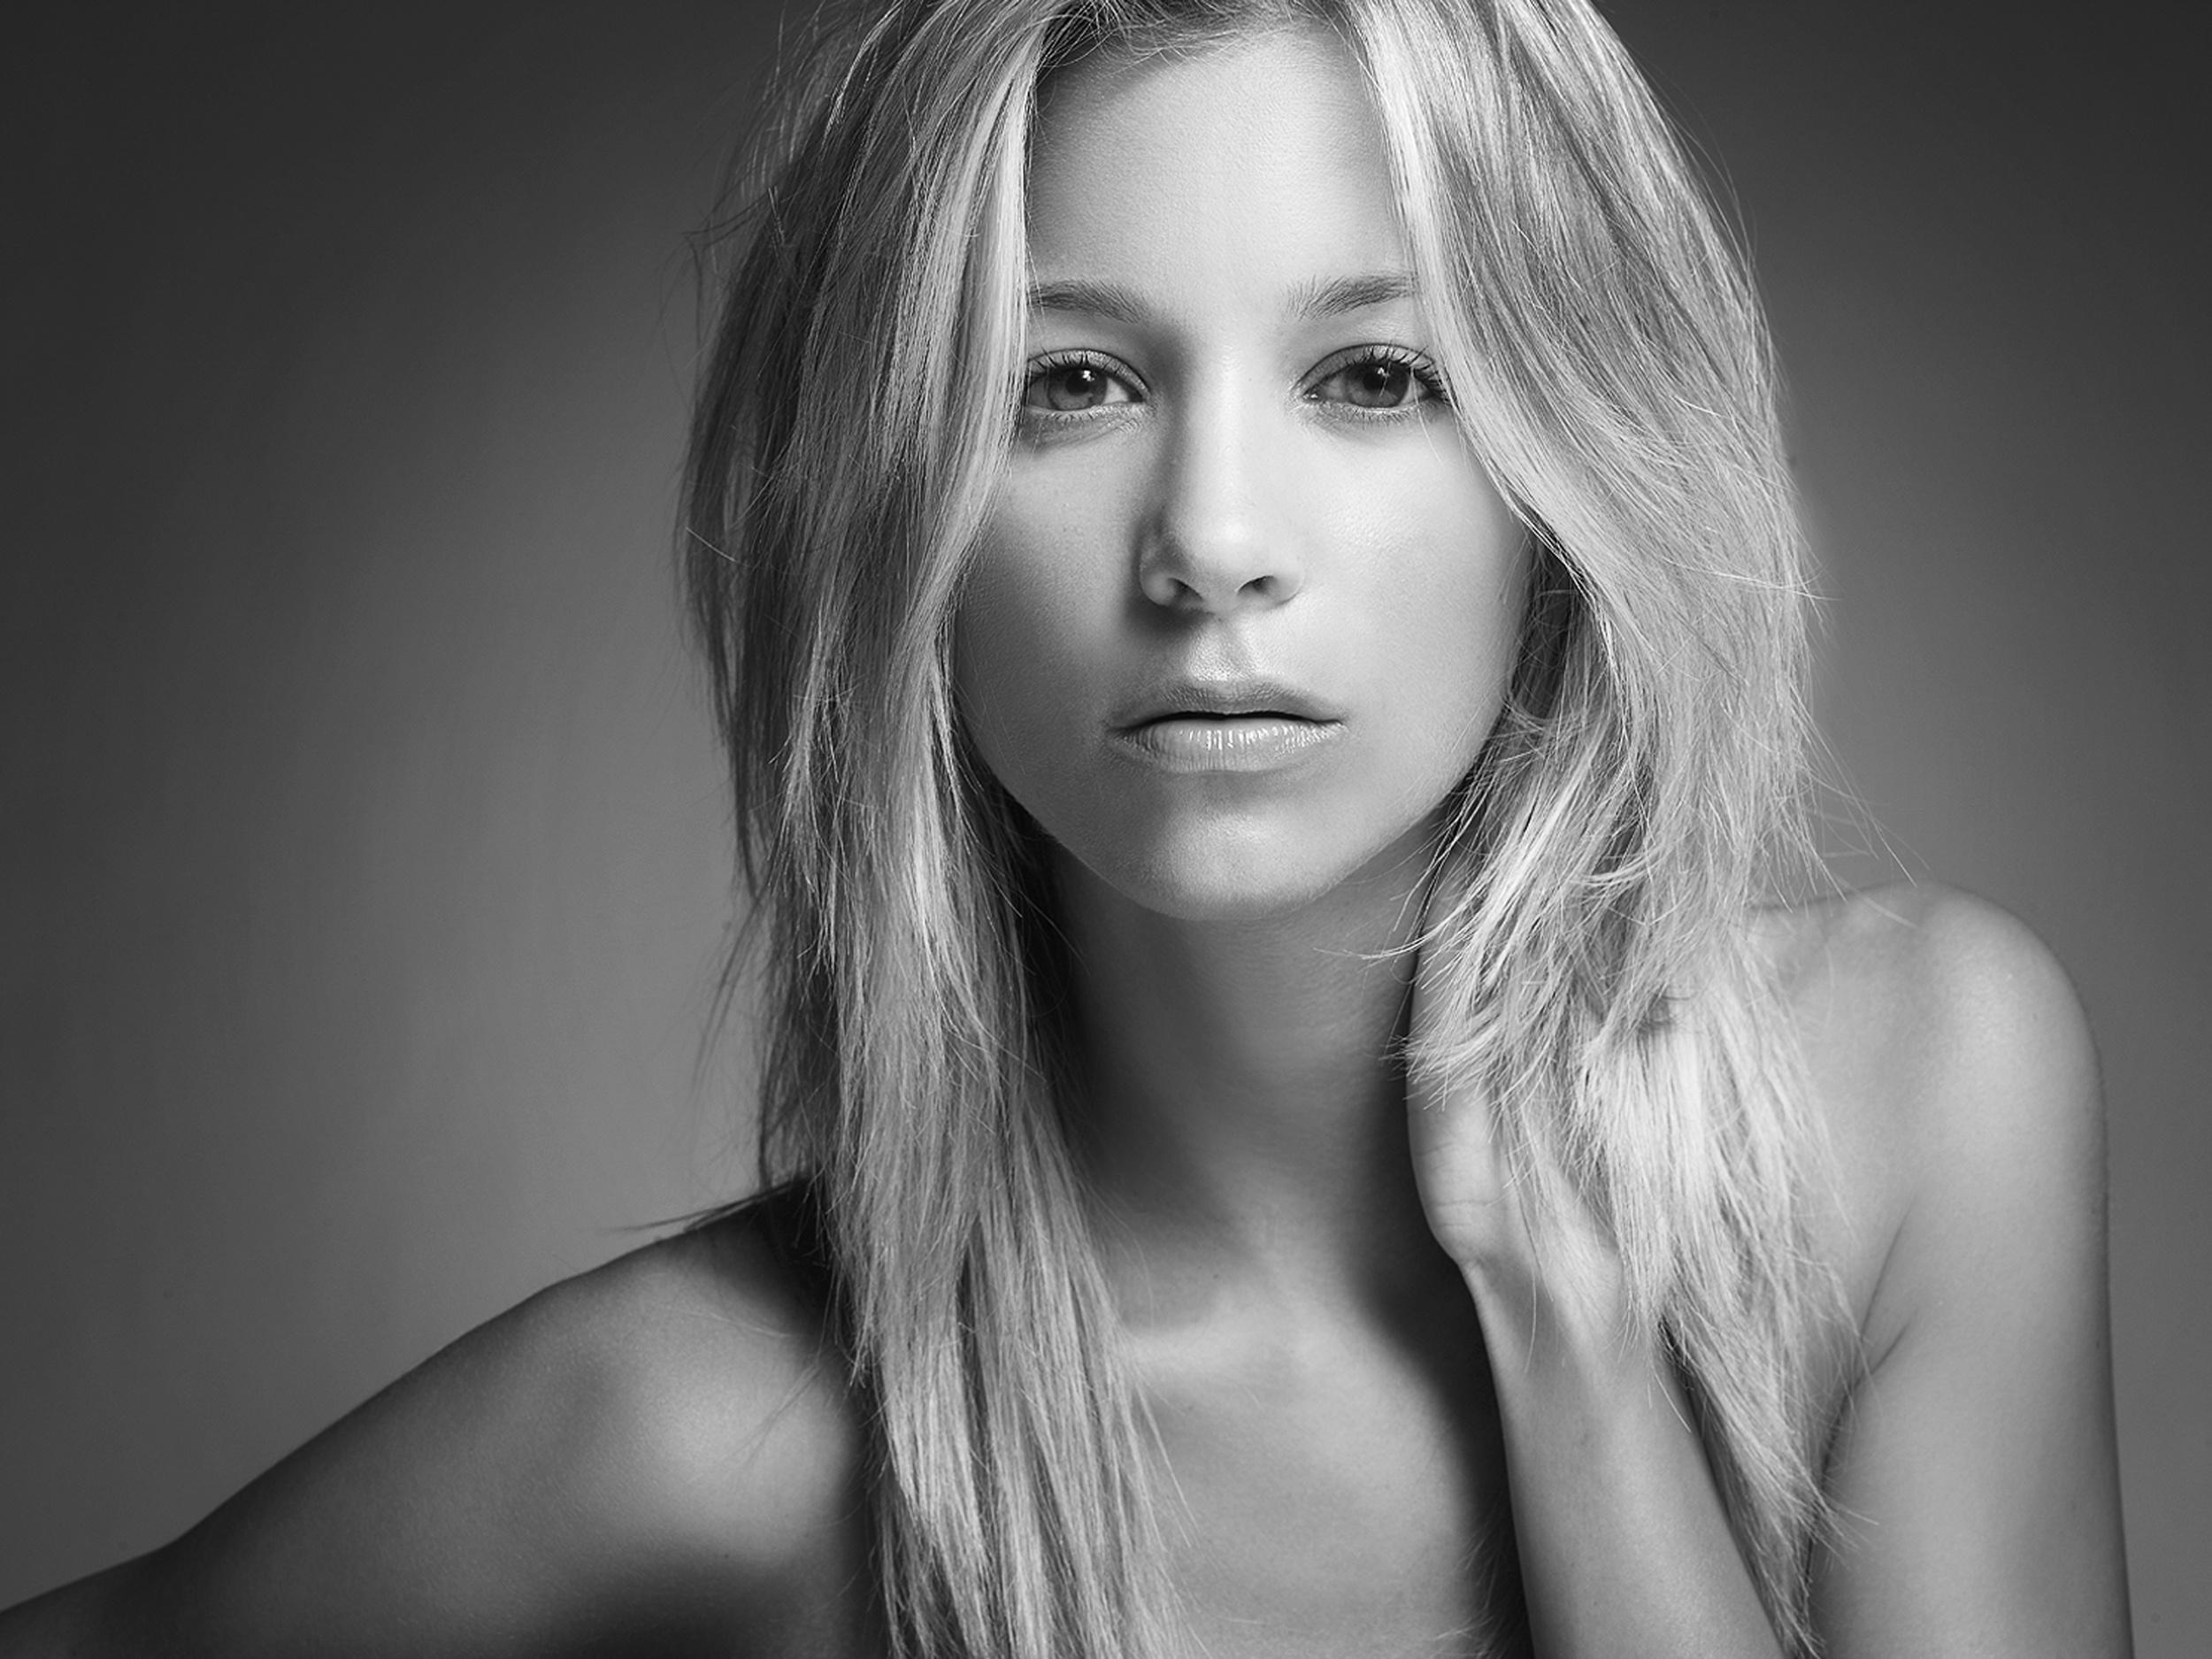 Sabina Gadecki Nude Photos 92